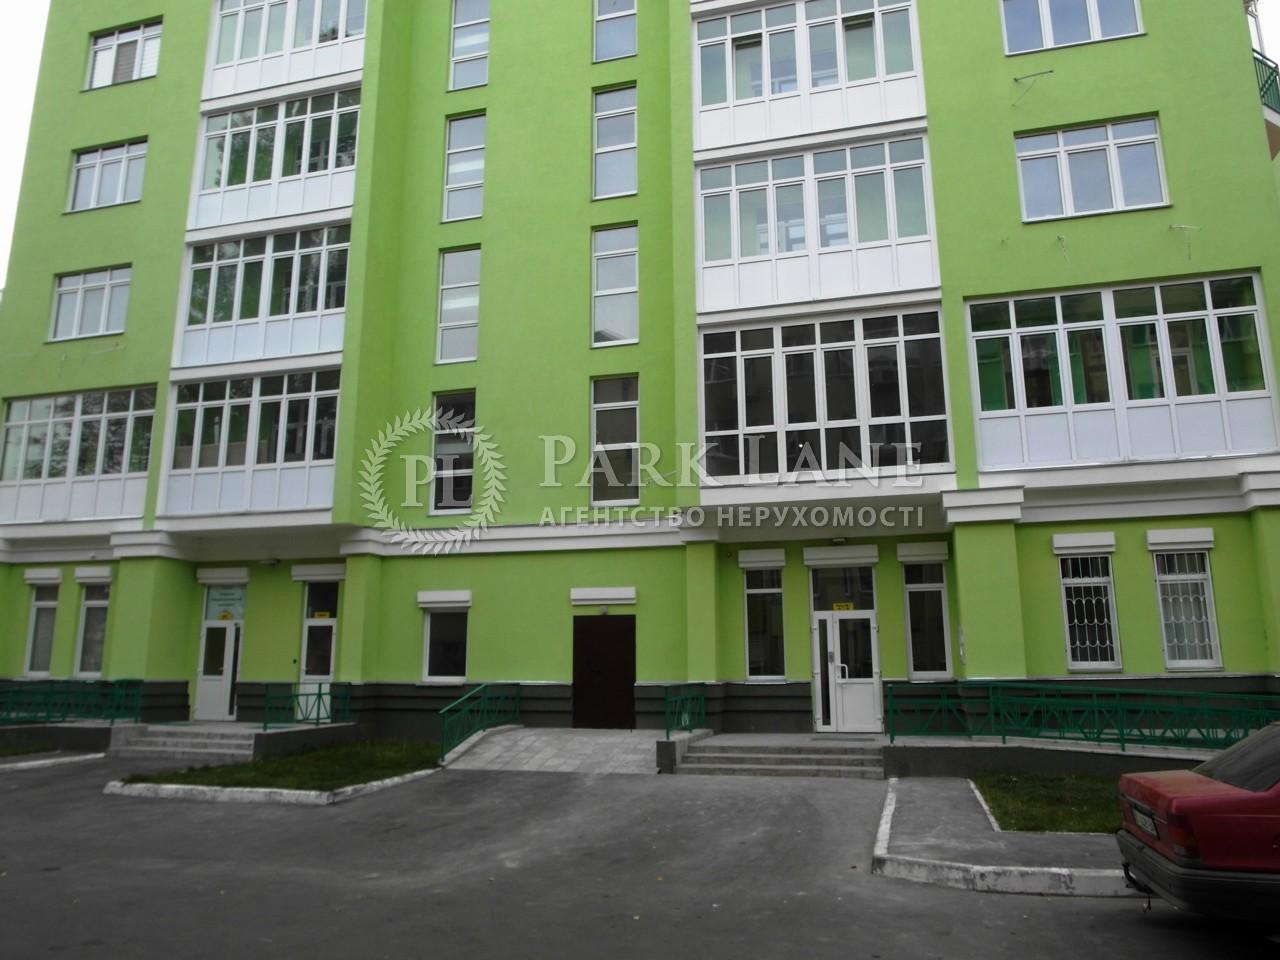 Квартира ул. Кирилловская (Фрунзе), 85/87а, Киев, Z-453419 - Фото 2